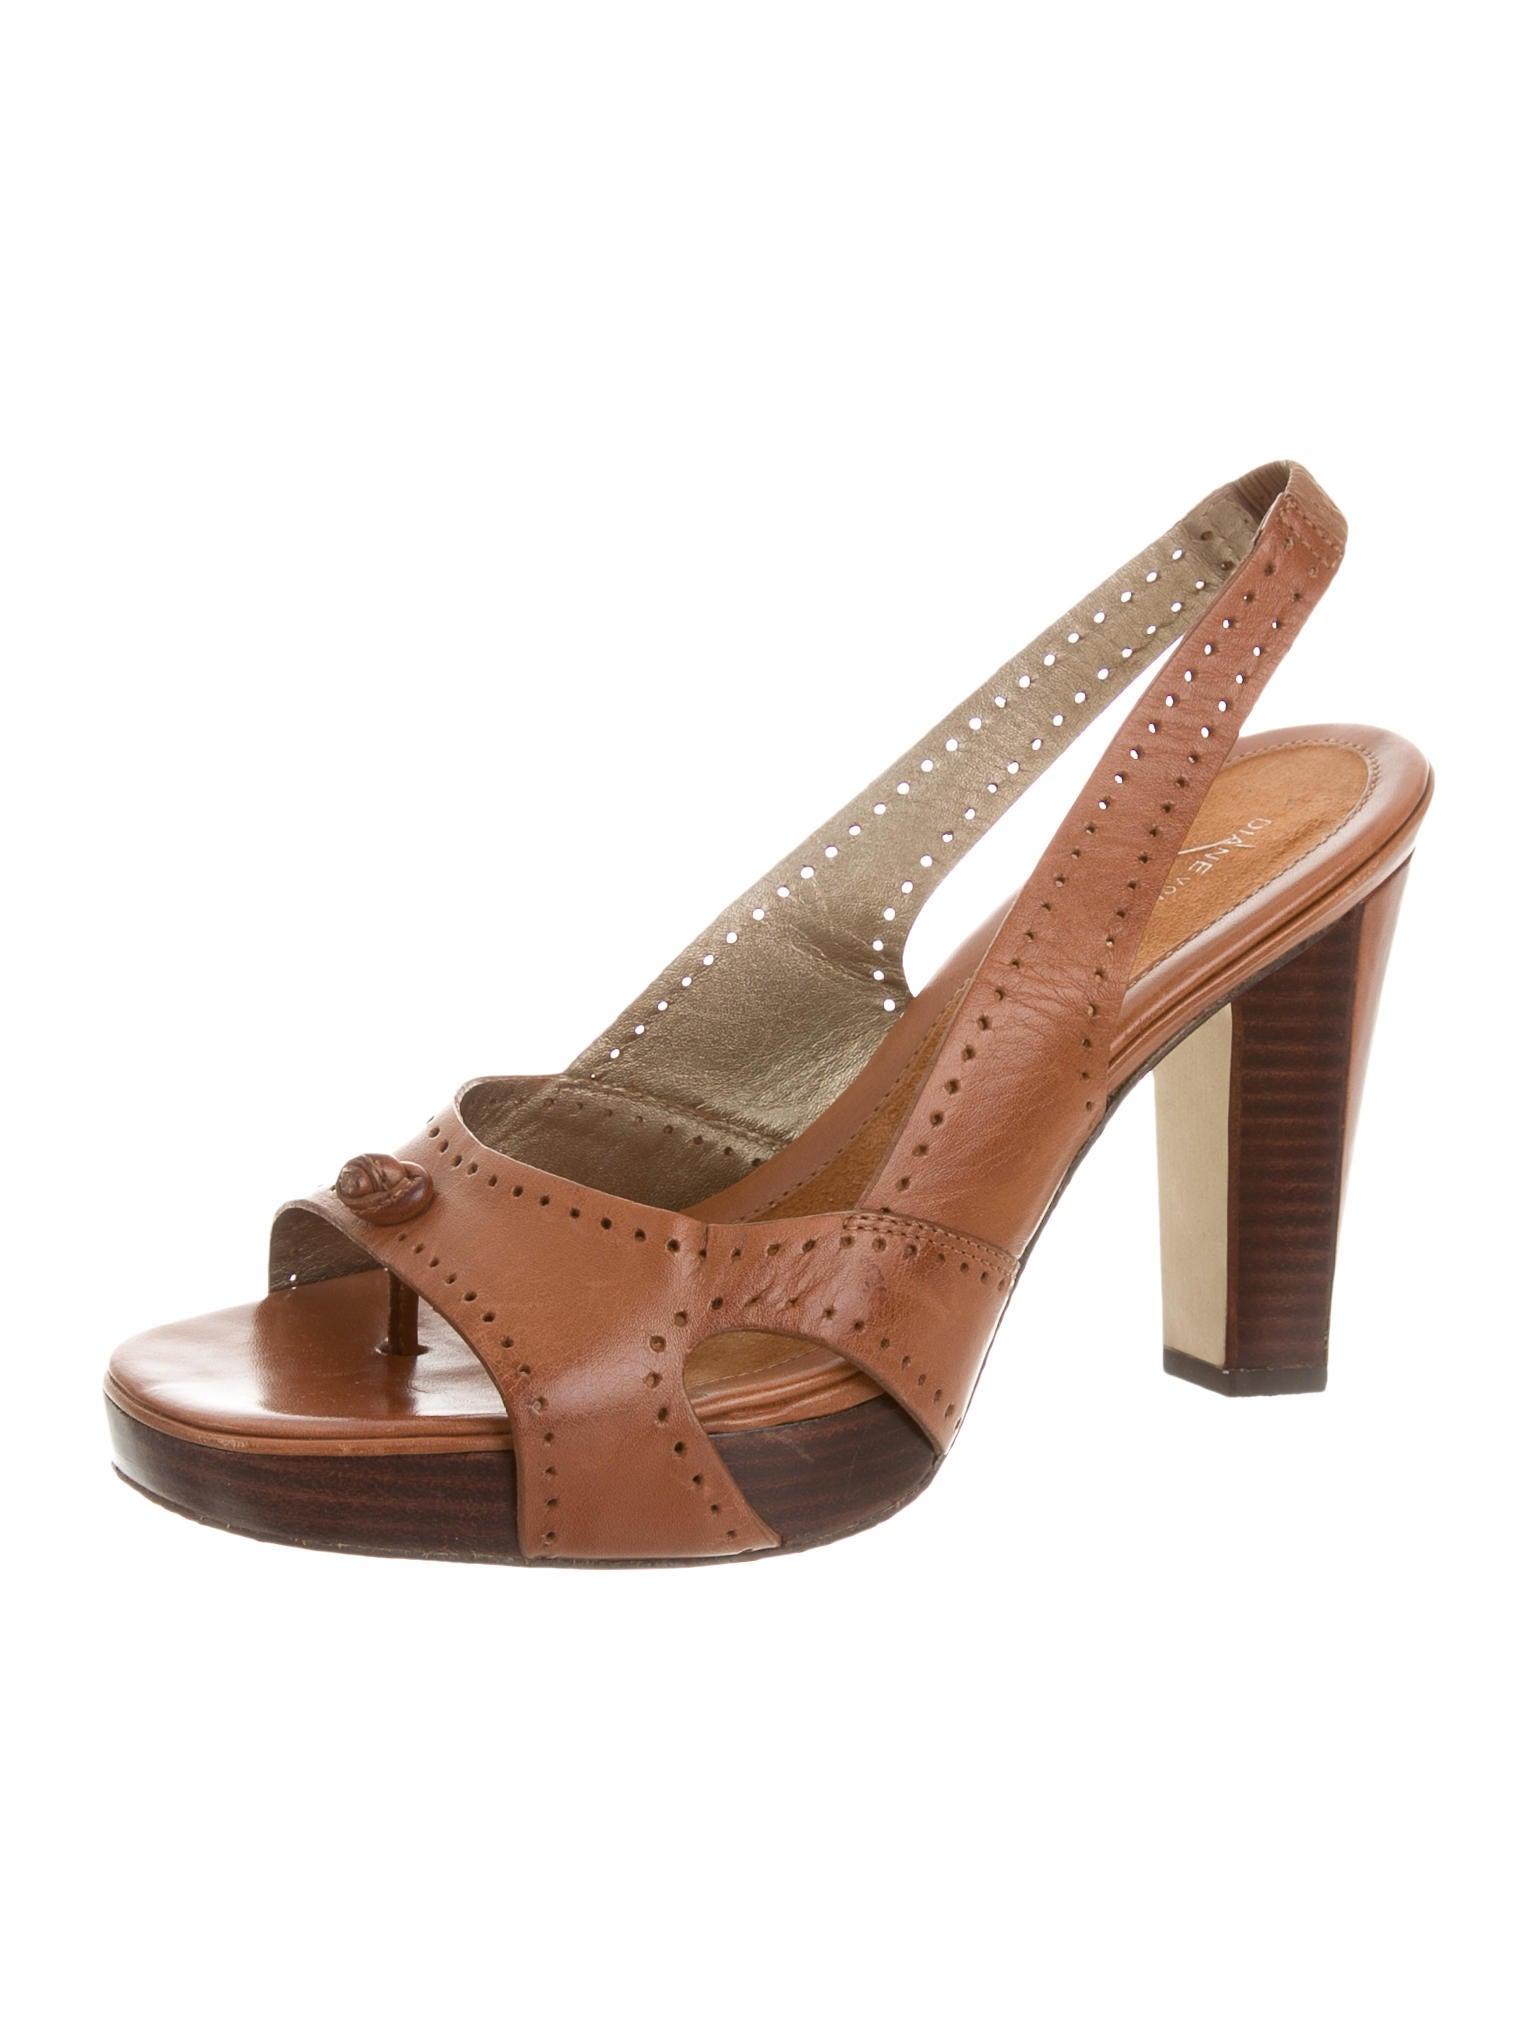 Vionnet Womens Shoes